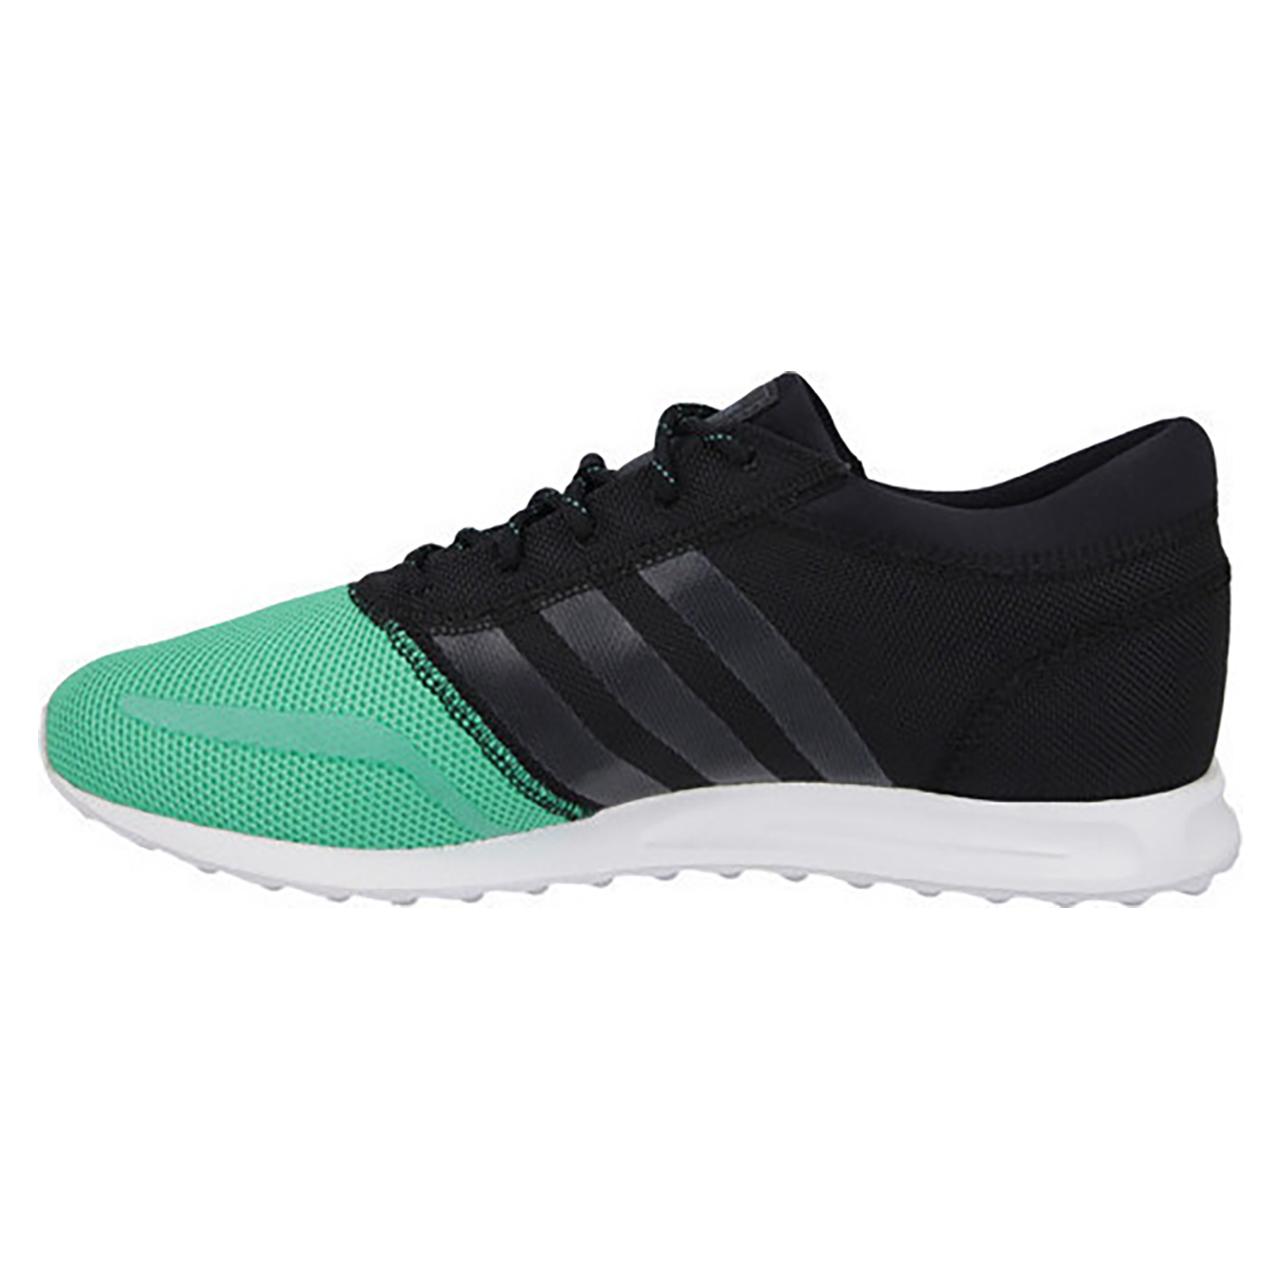 کفش مخصوص پیاده روی مردانه مدل Los angeles gr01